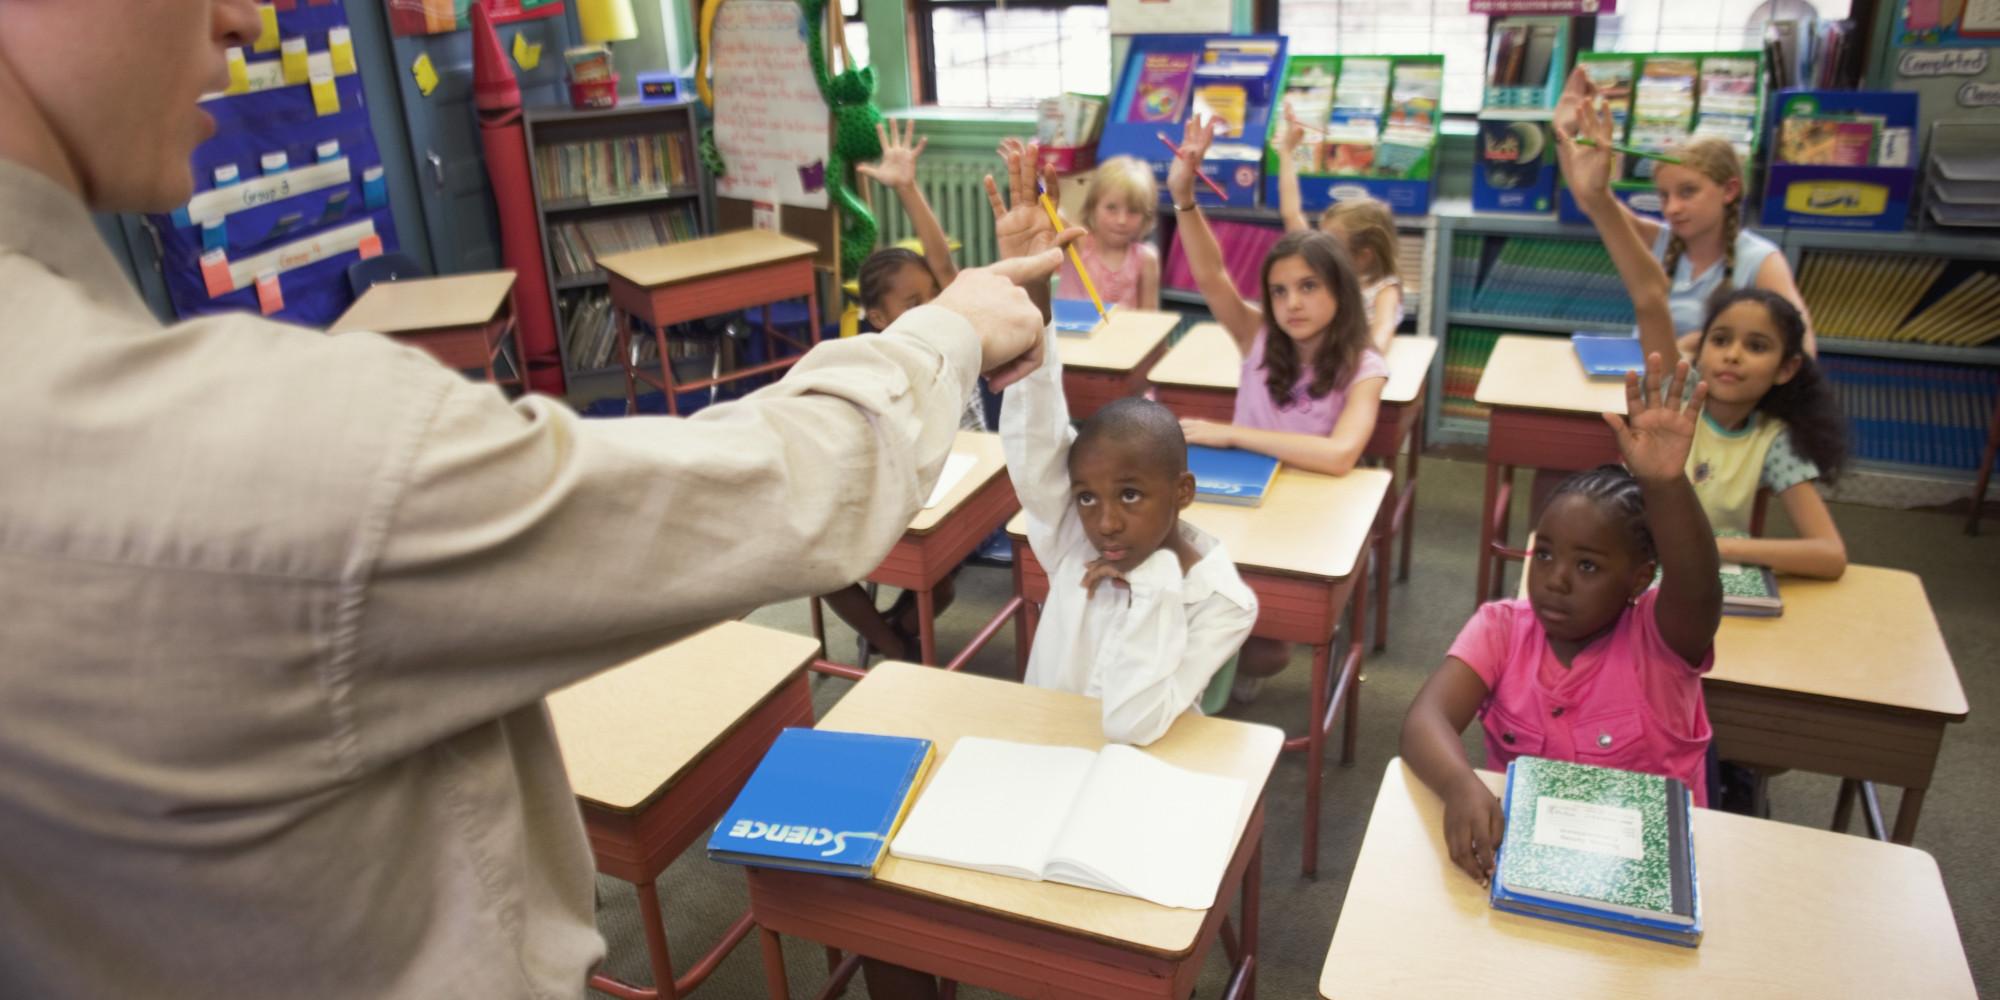 Girl Math Teacher Math Class Say Teachers